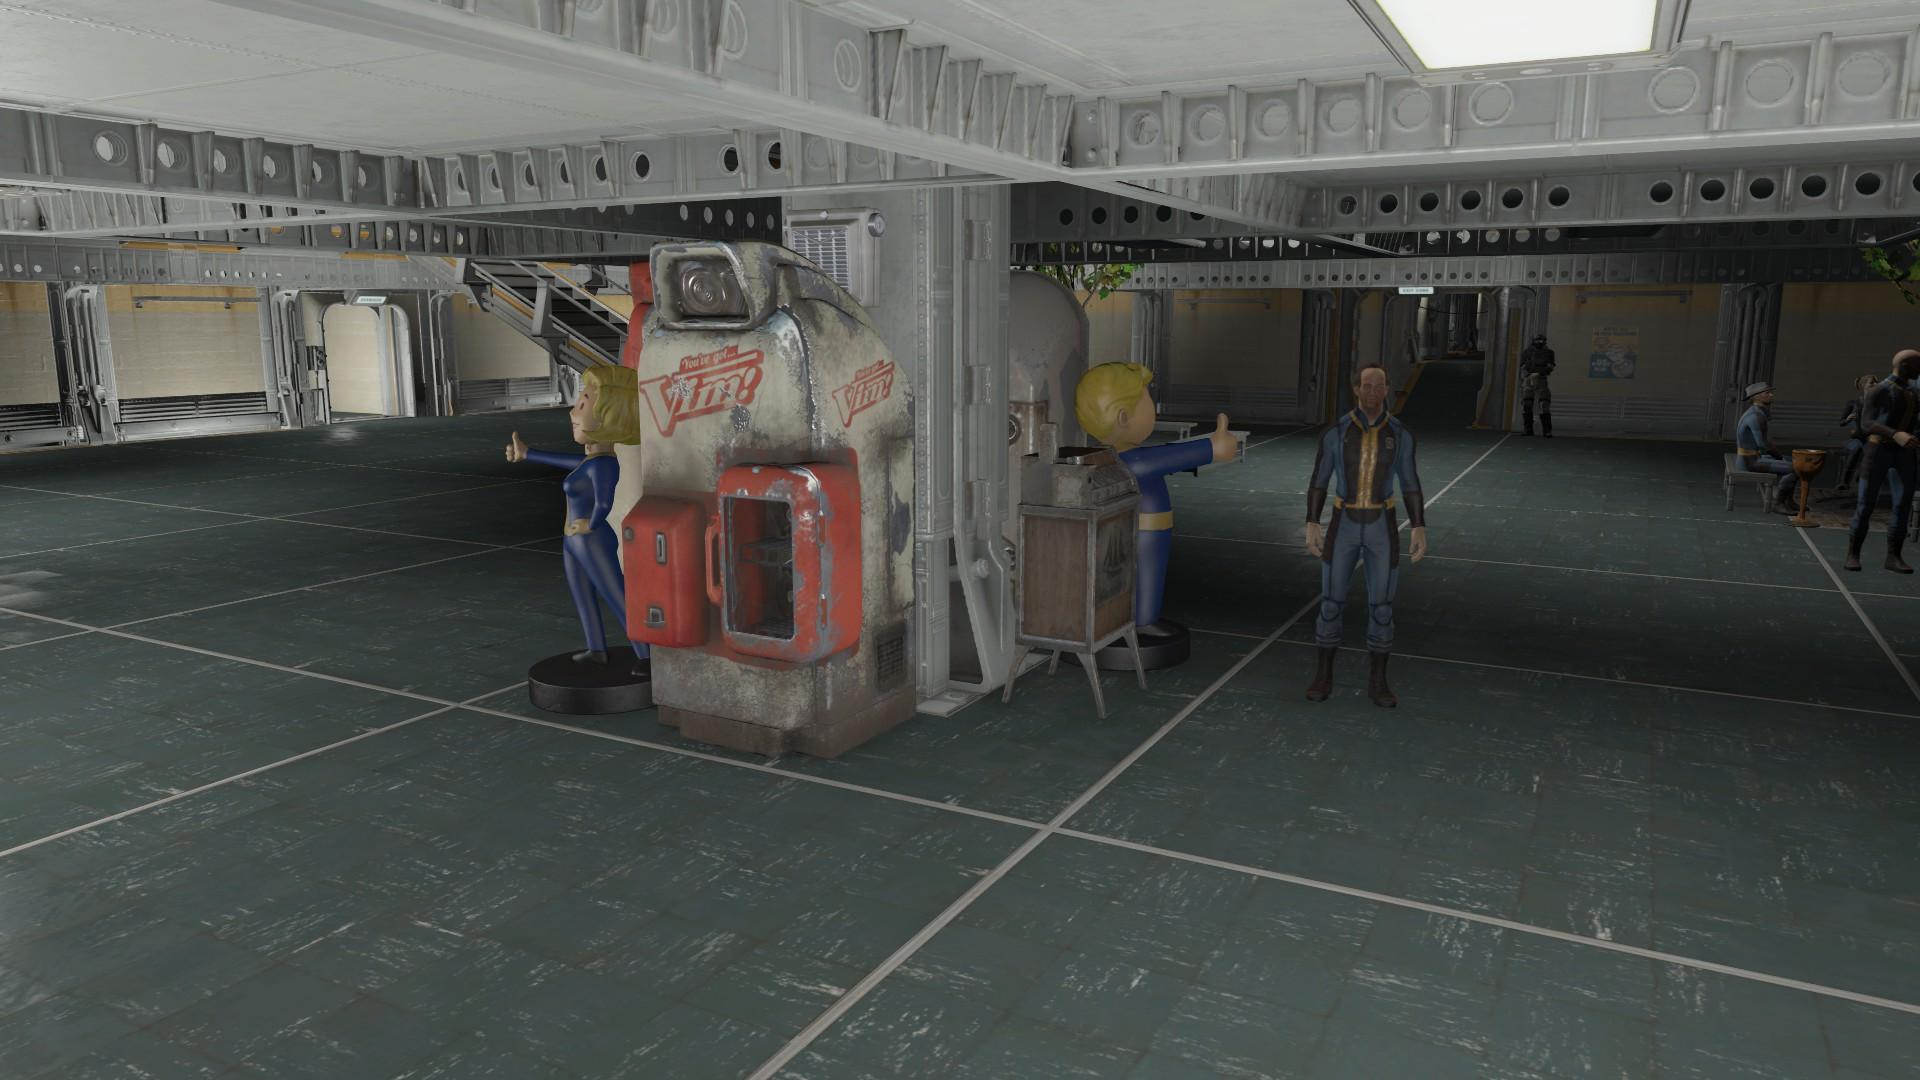 FO4 [Vault Workshop] Building Vaults? A6CD3E9B42287835744C6B2D993A847A9DA9BE0B